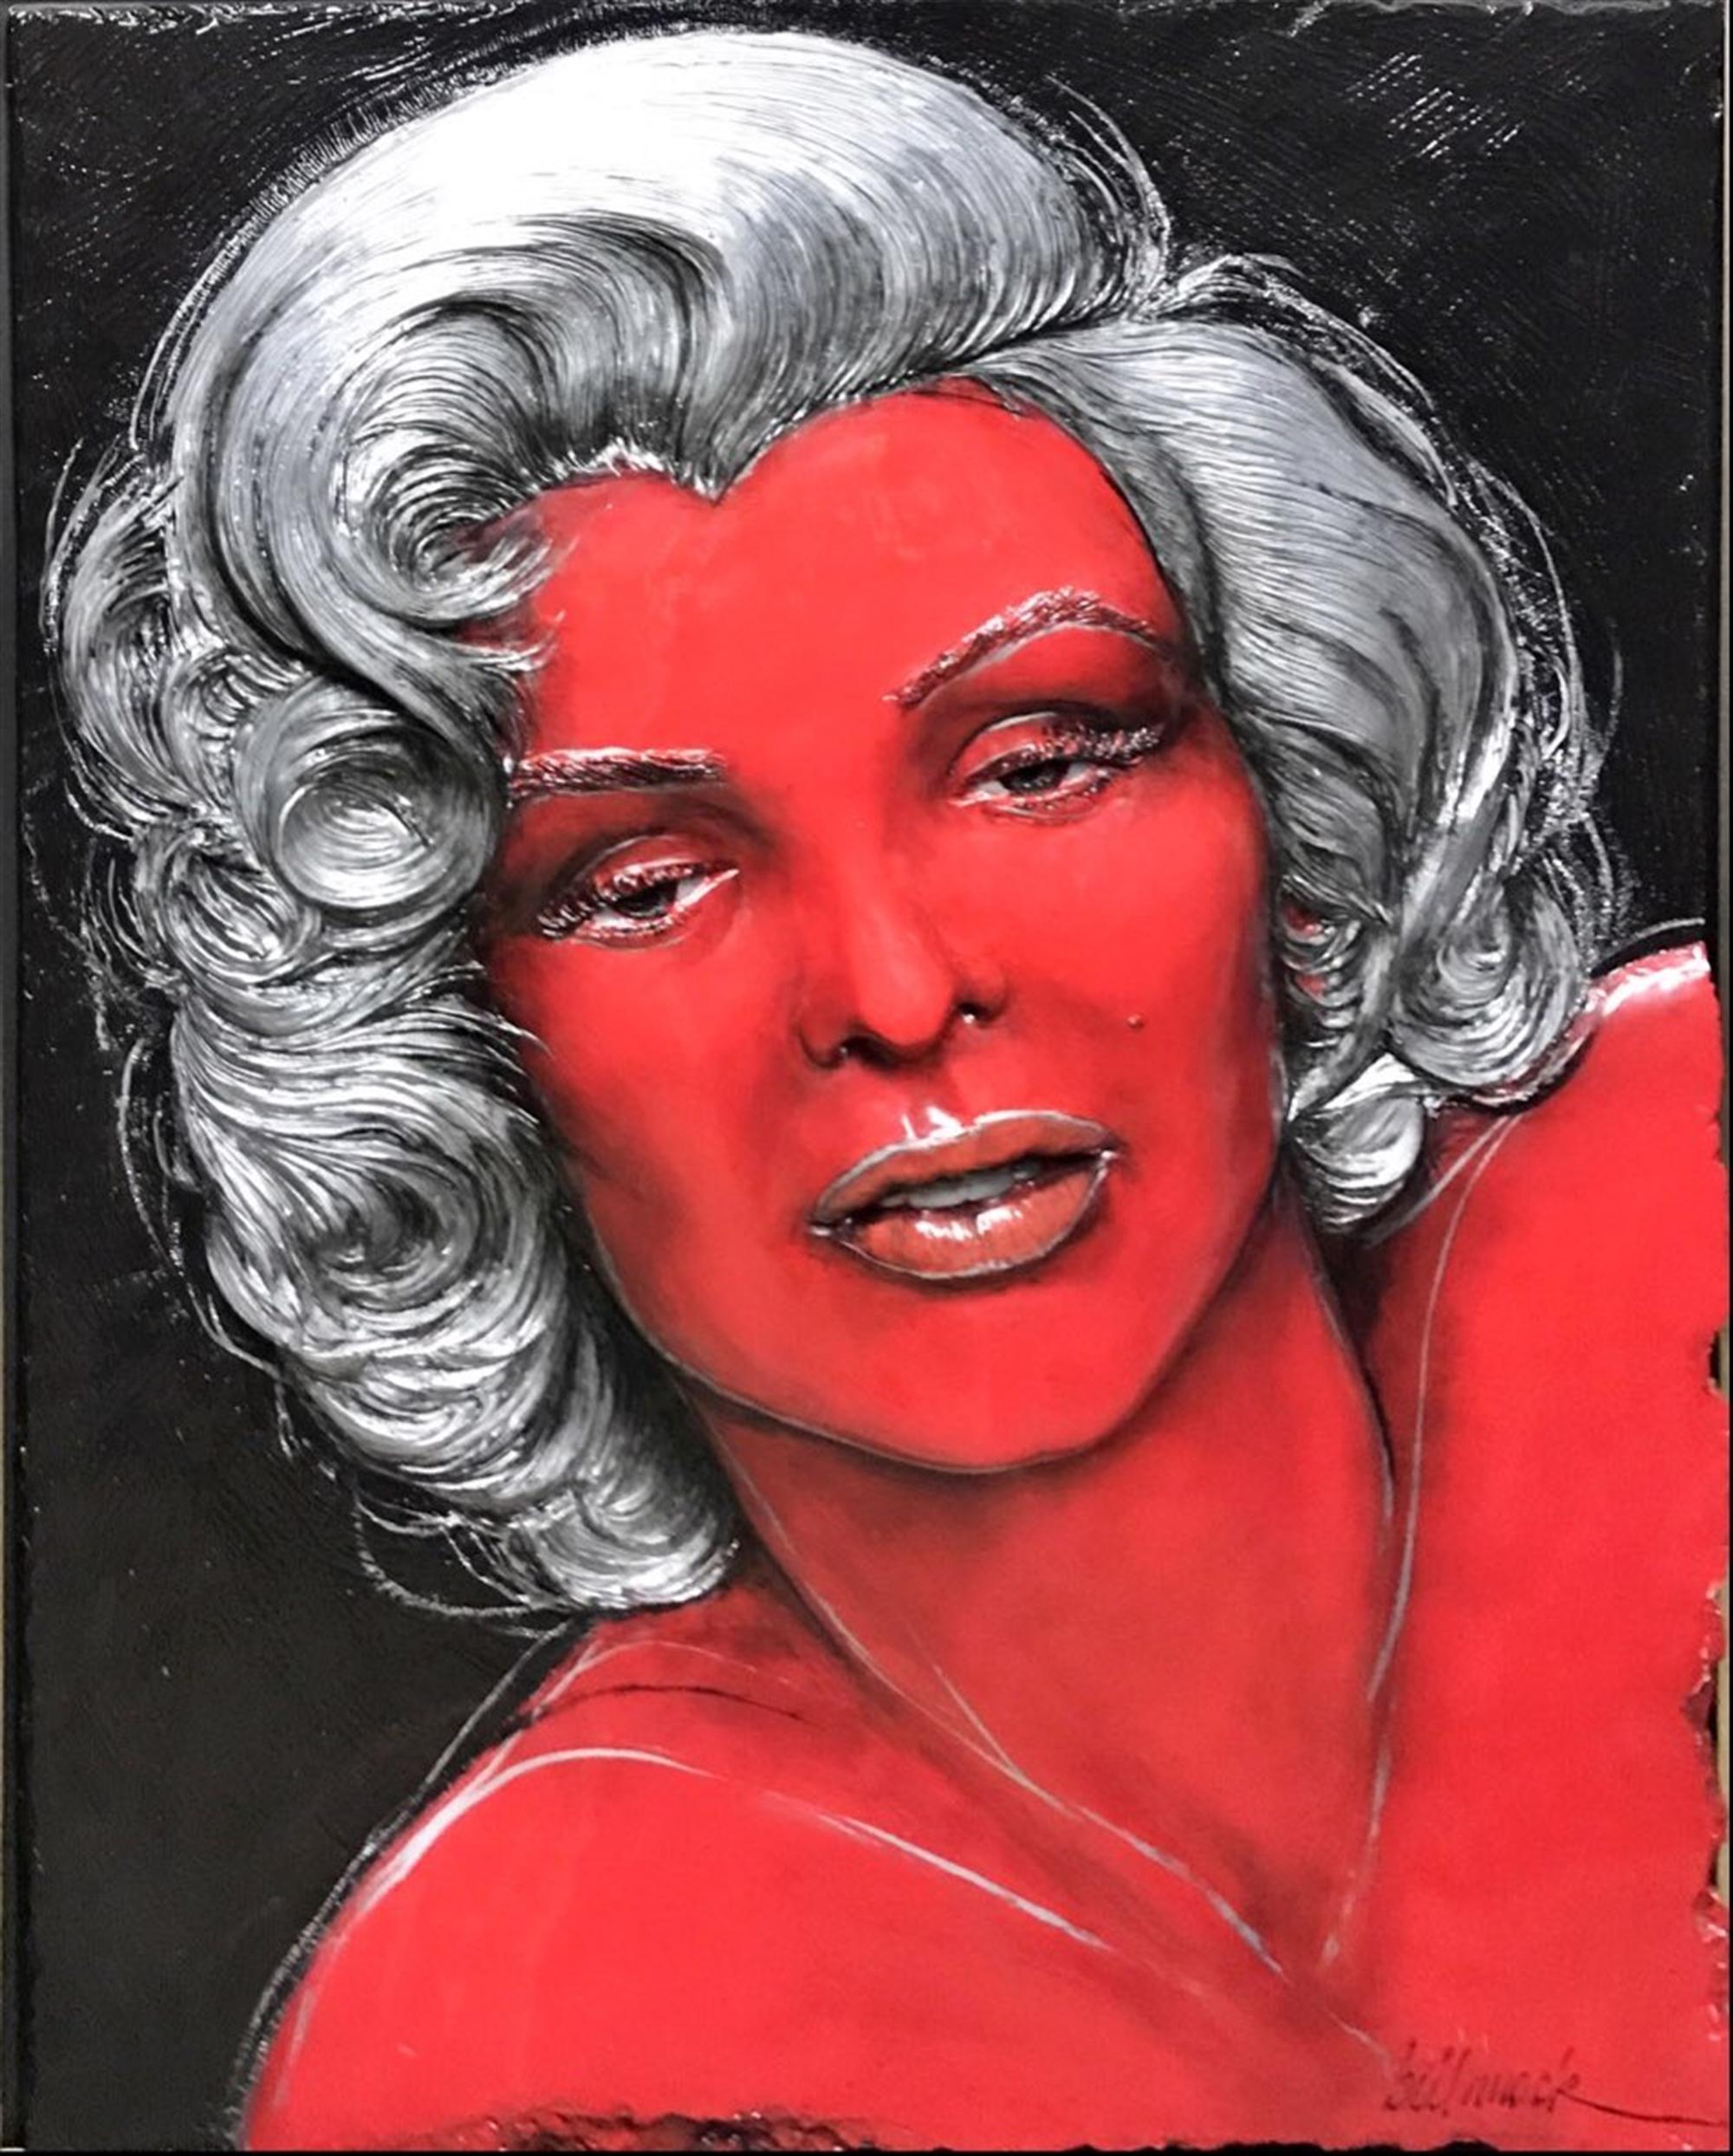 Warhol Red Marilyn by Bill Mack